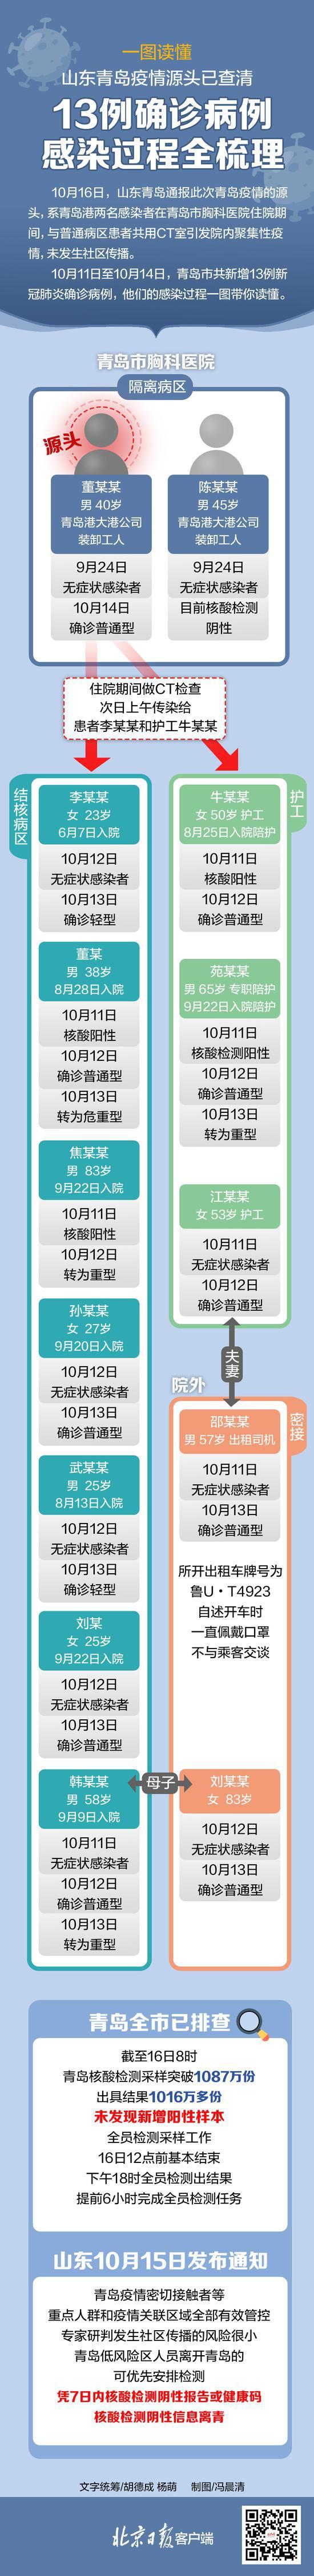 青岛疫情源头查清 13例确诊病例感染过程全梳理图片